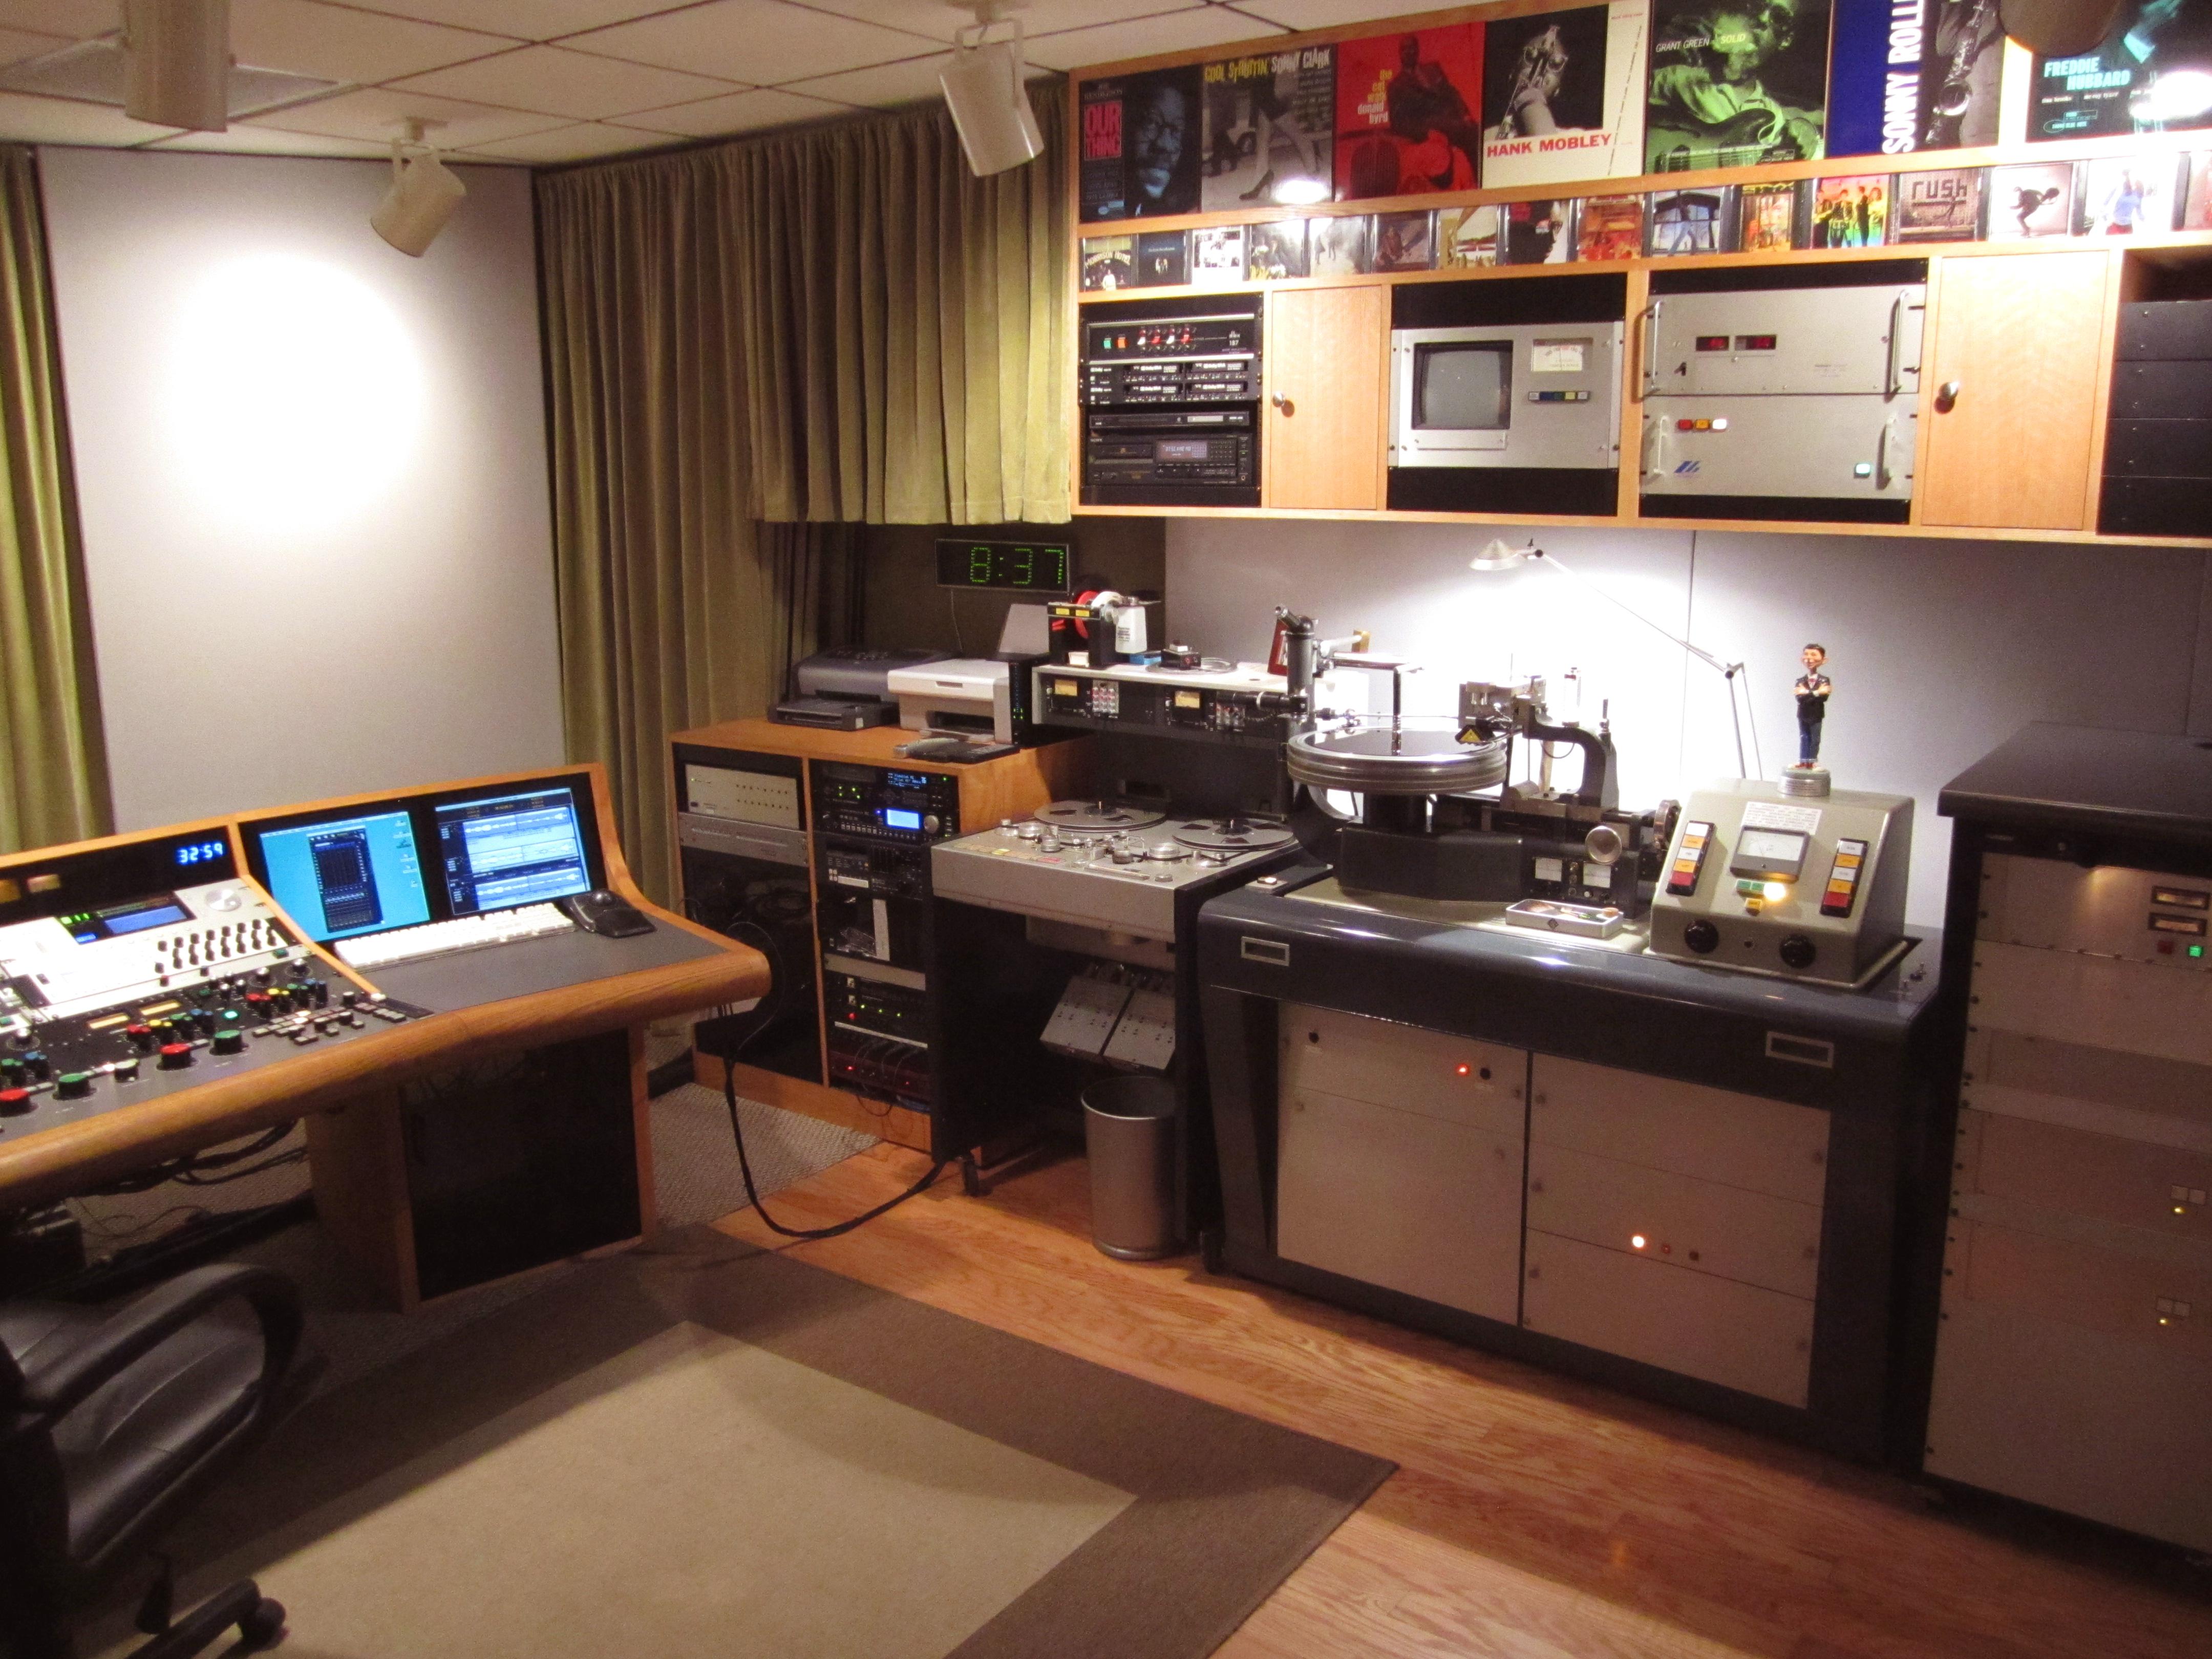 #1 cohearent studio